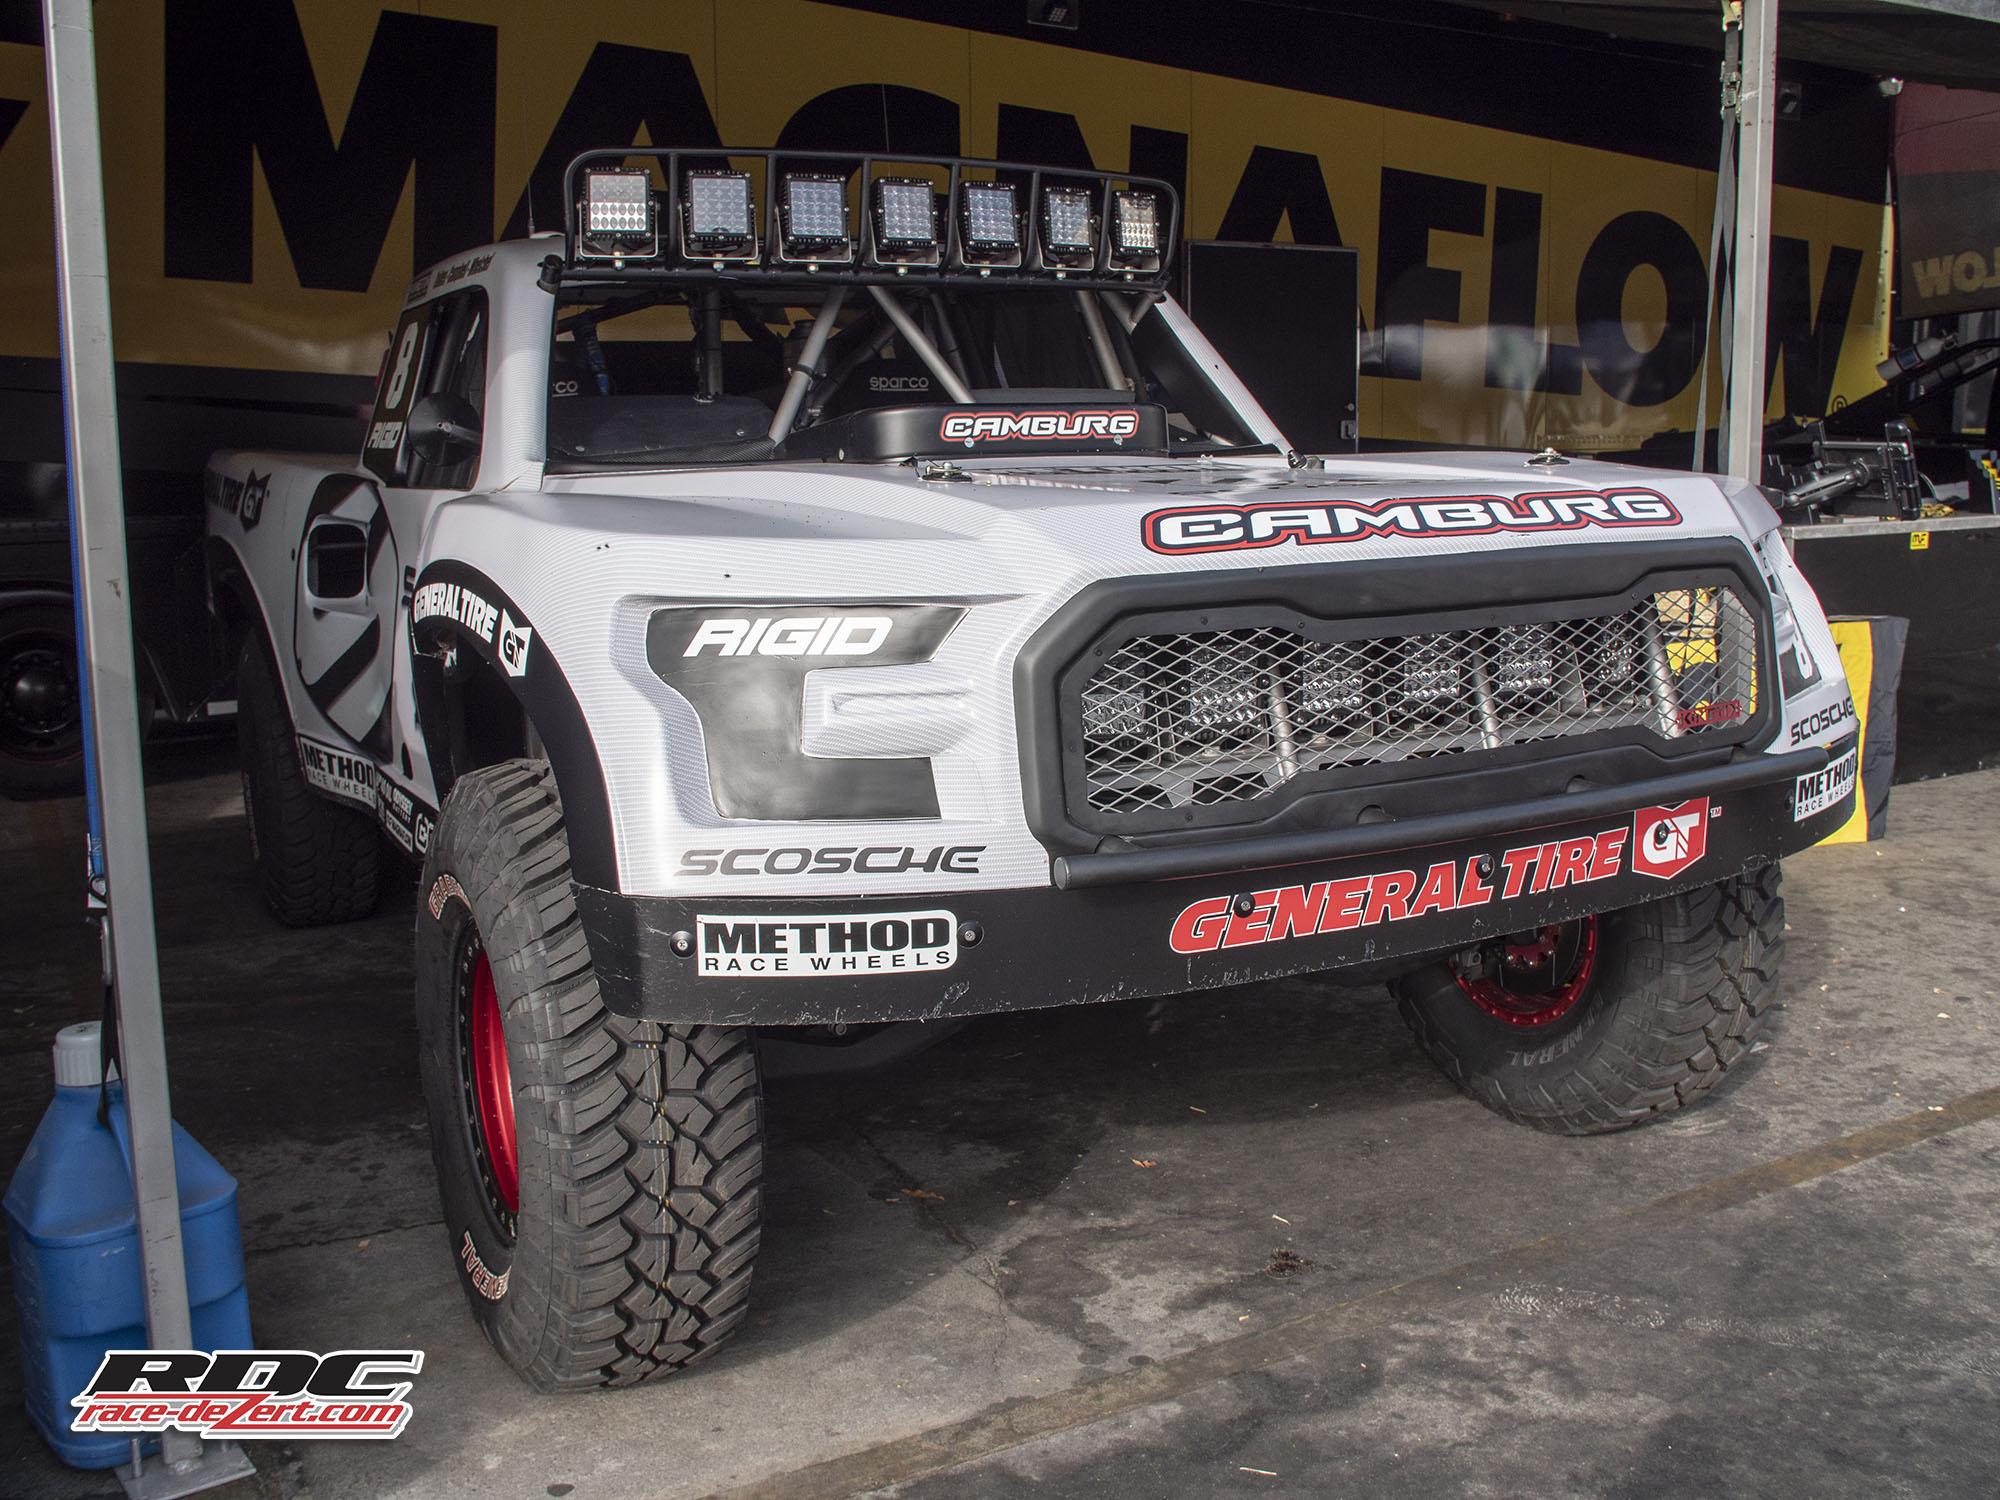 Subaru Baja 2018 >> 2018-off-road-expo-race-dezert_04 - race-deZert.com